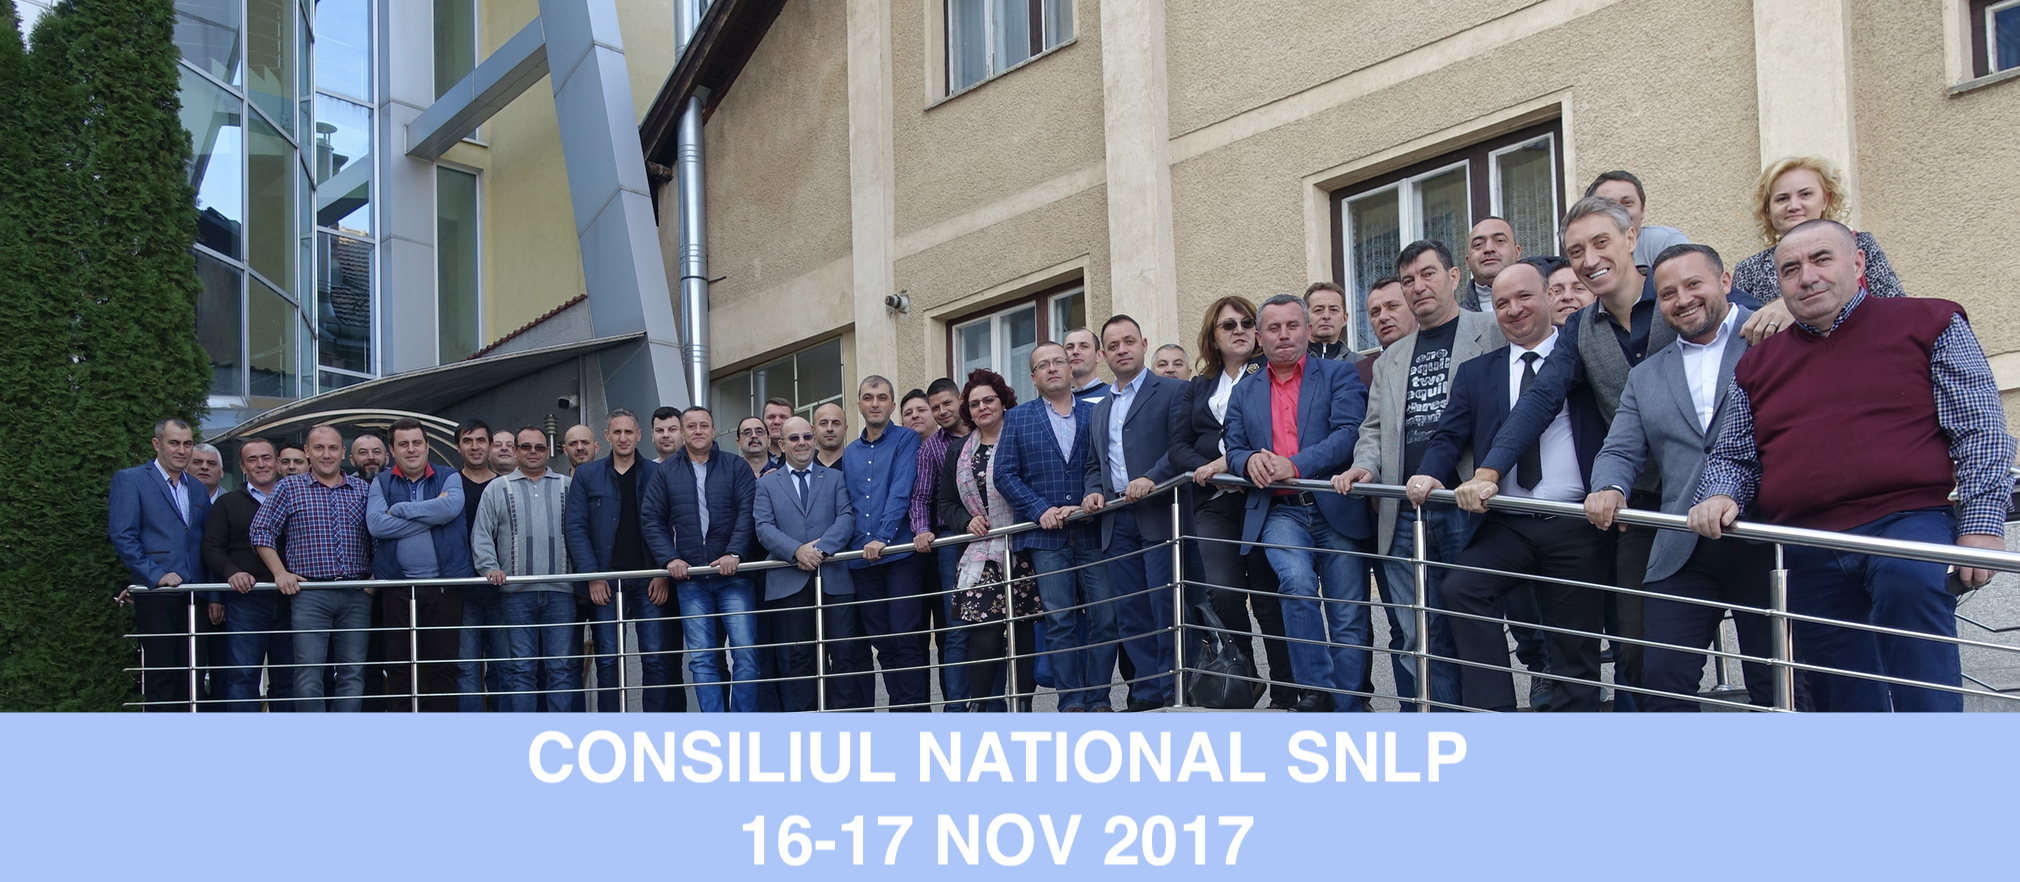 CN SNLP 16-17 nov 2017.png